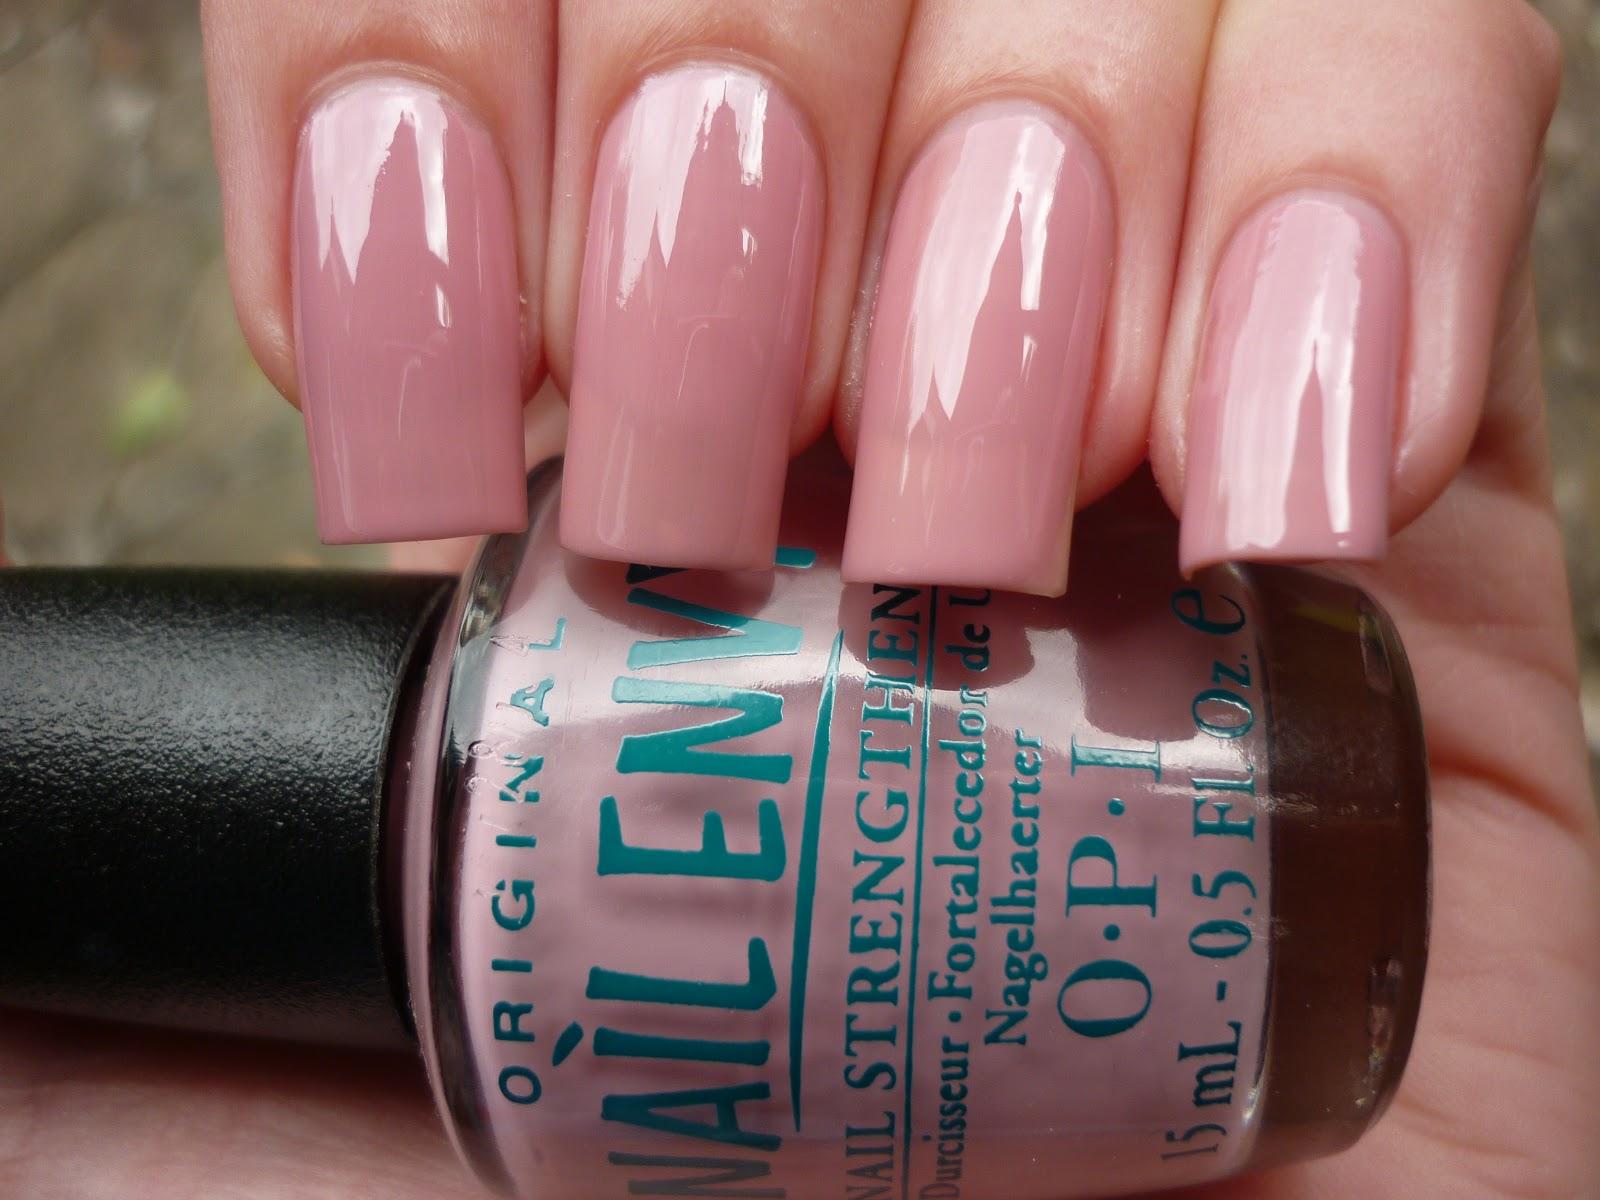 Nails by Vanessa marie: OPI Pink Nail Envy